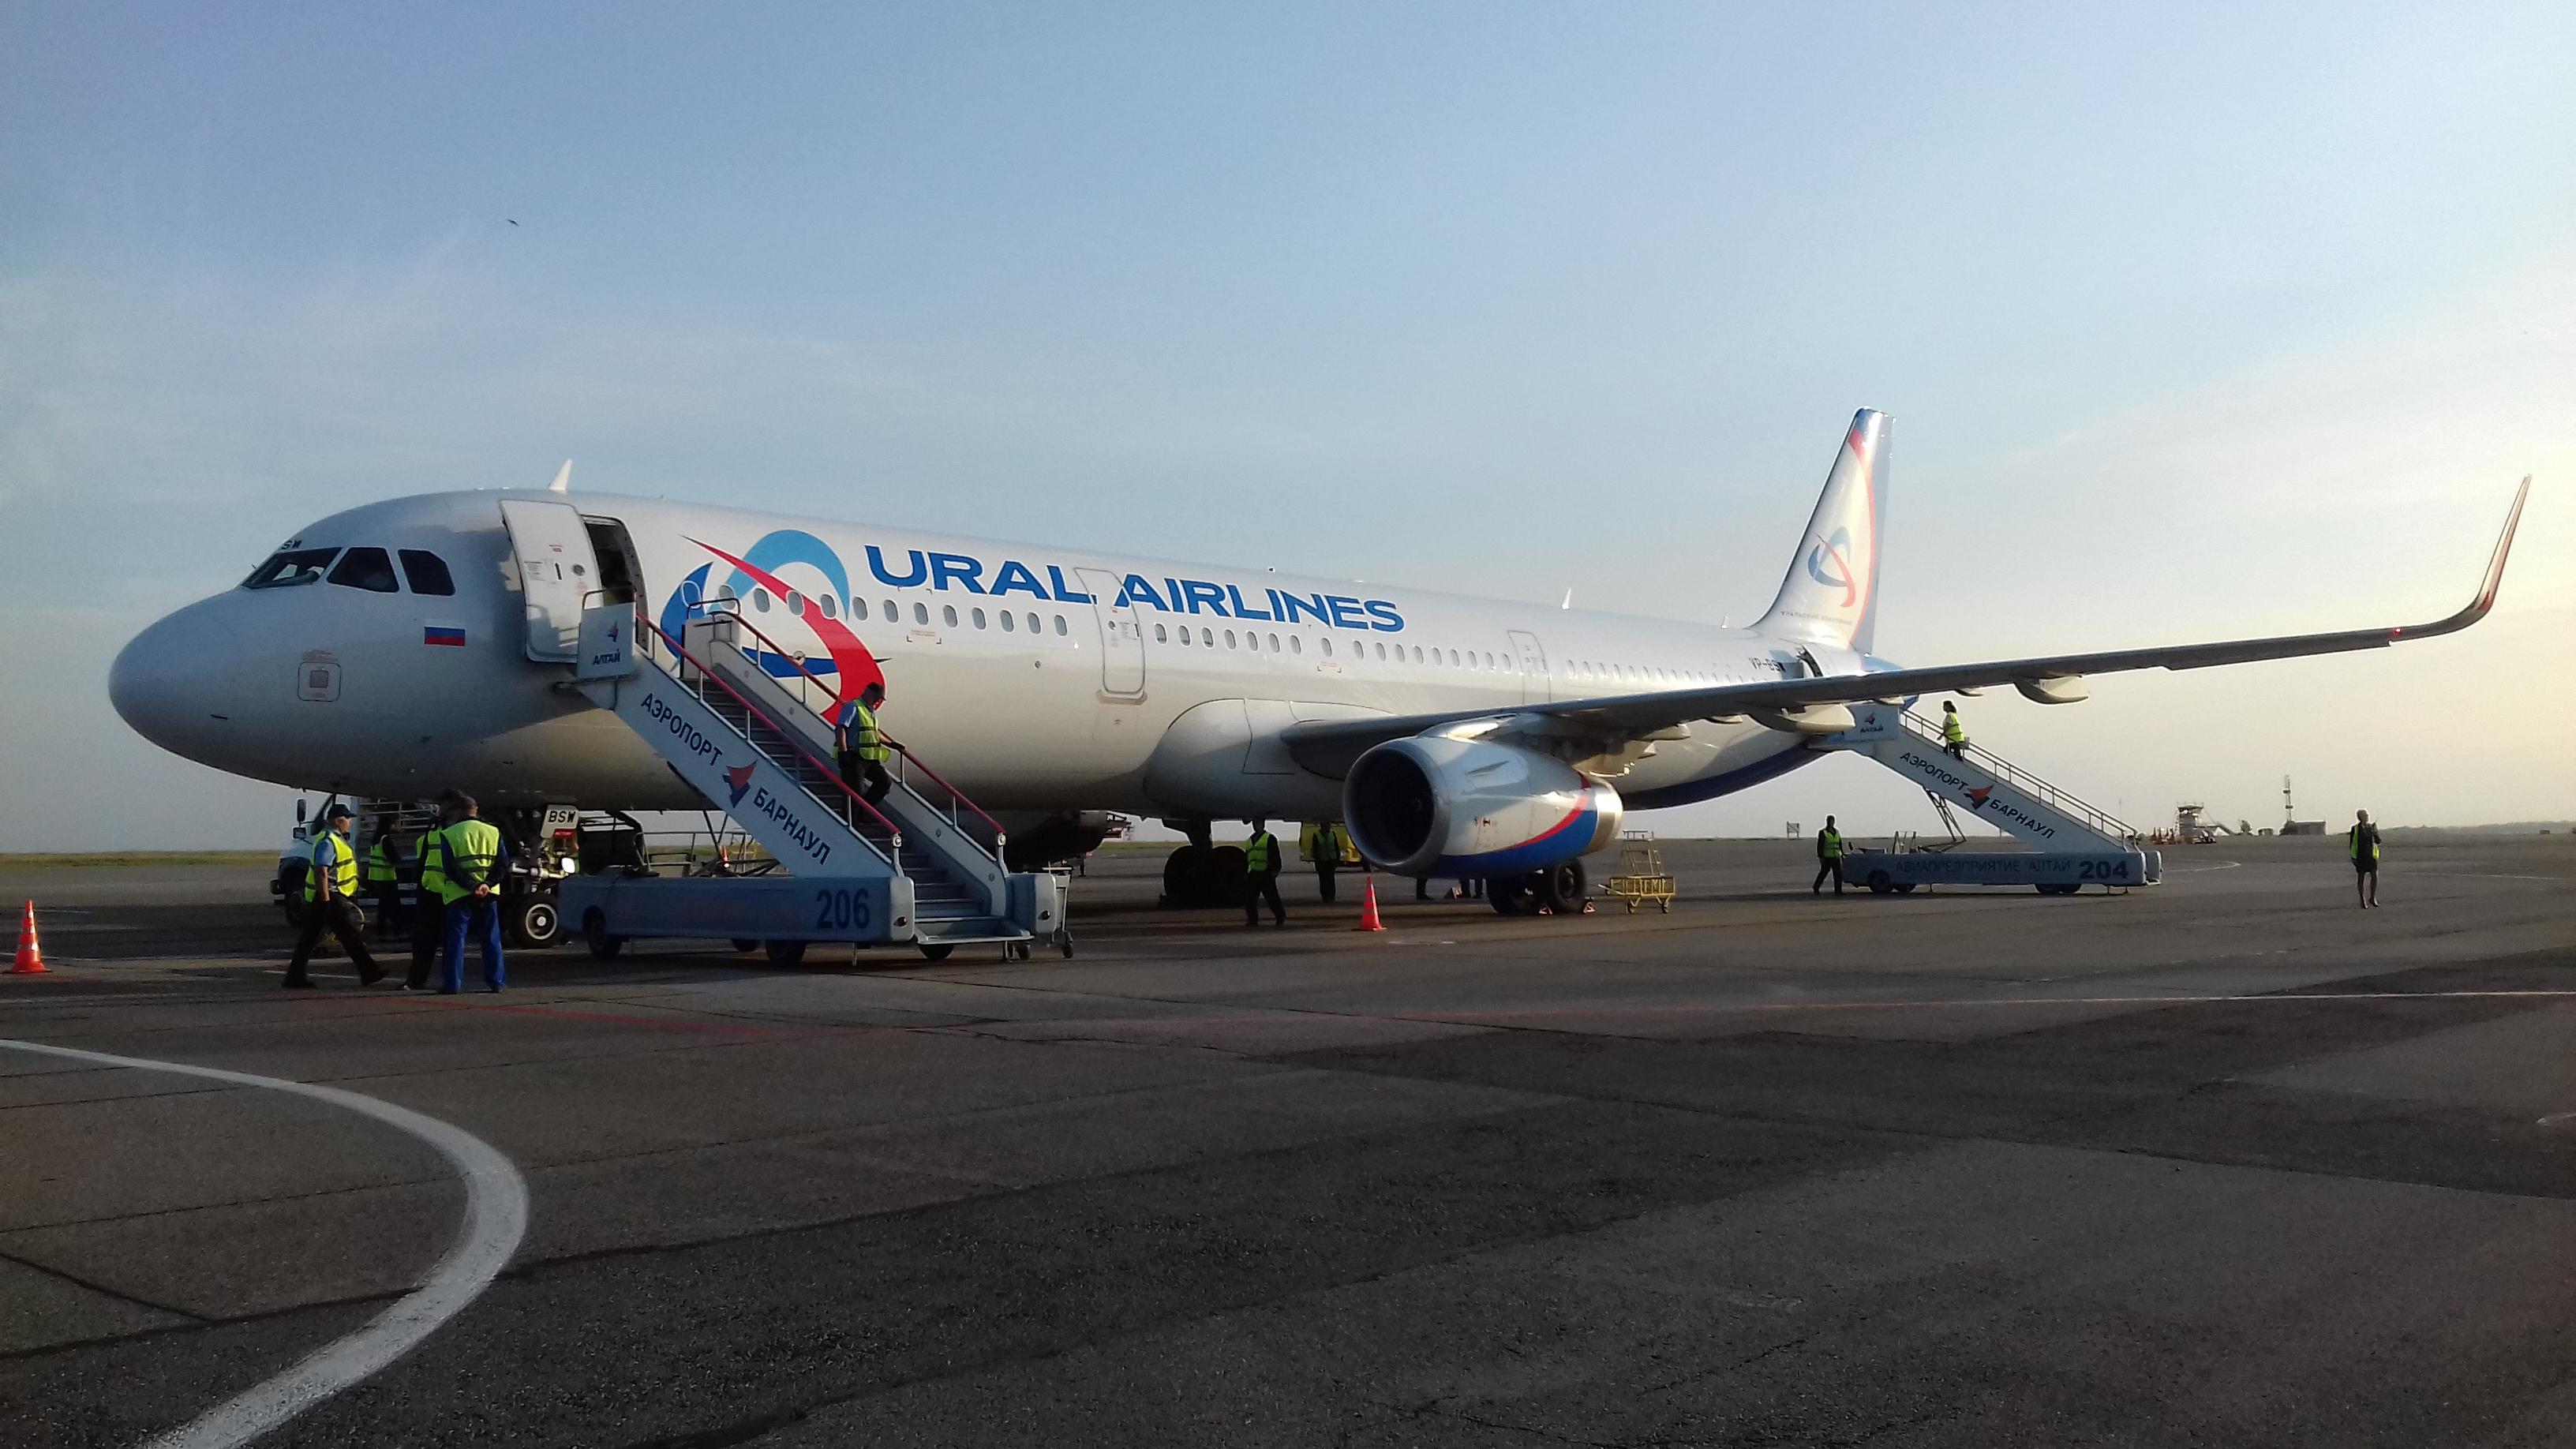 Airbus A321 VP-BSW Уральских авиалиний. Подготовка к вылету, Барнаул-Домодедово.